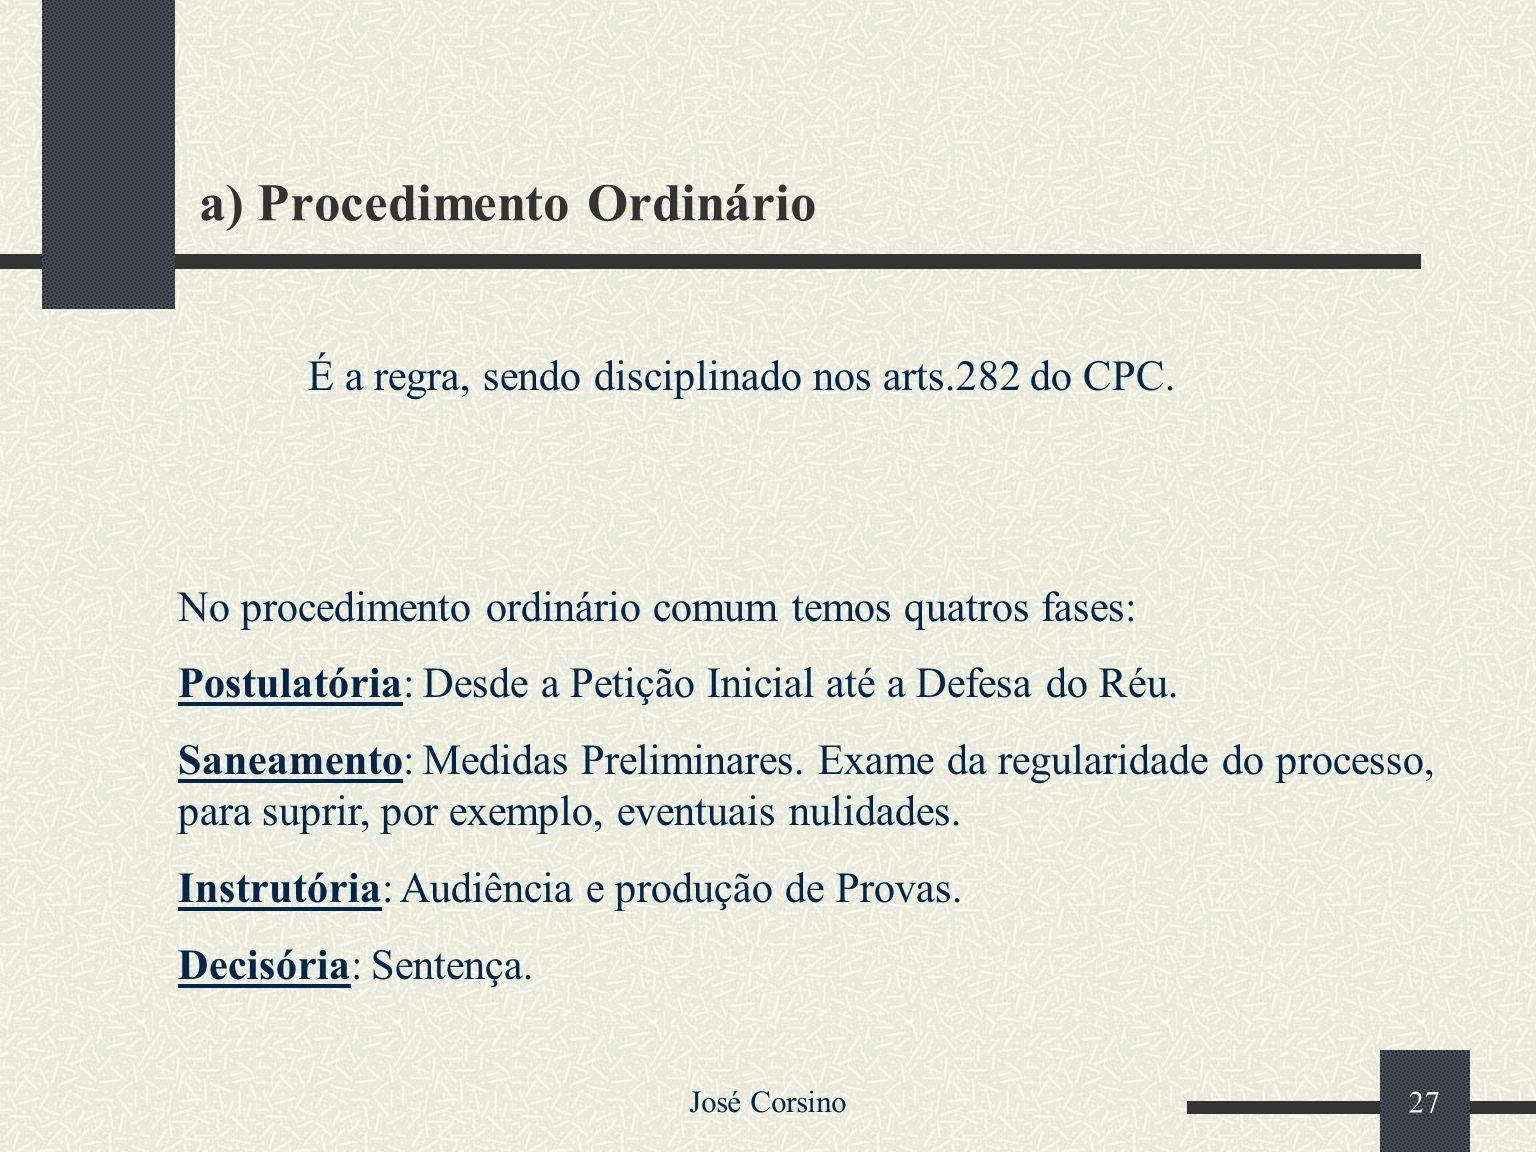 a) Procedimento Ordinário